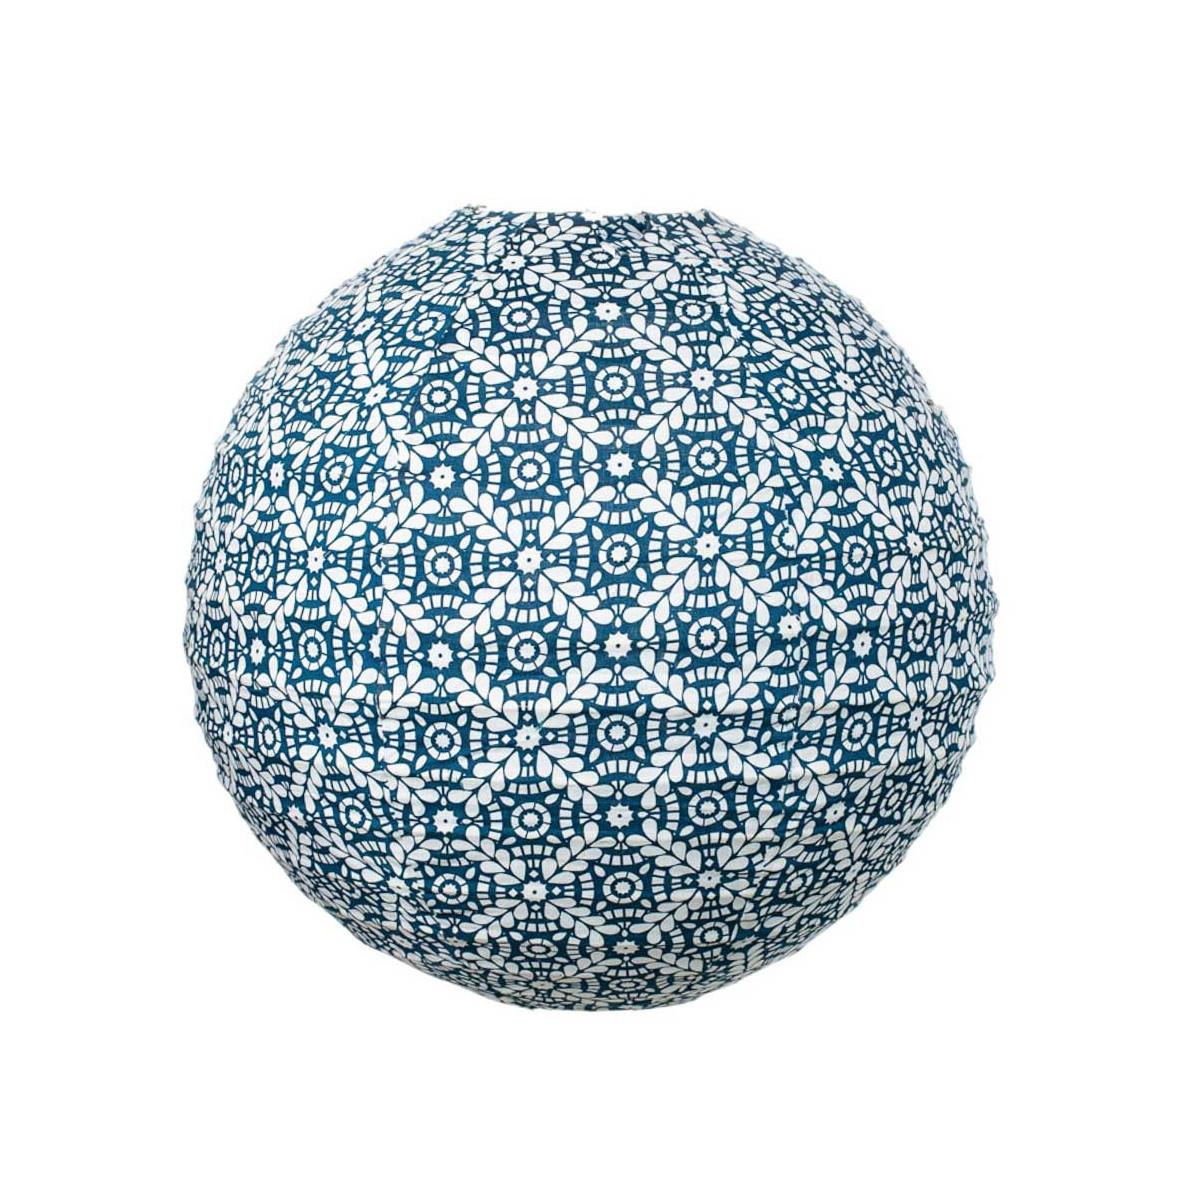 Lampion tissu boule japonaise rond bleu et blanc